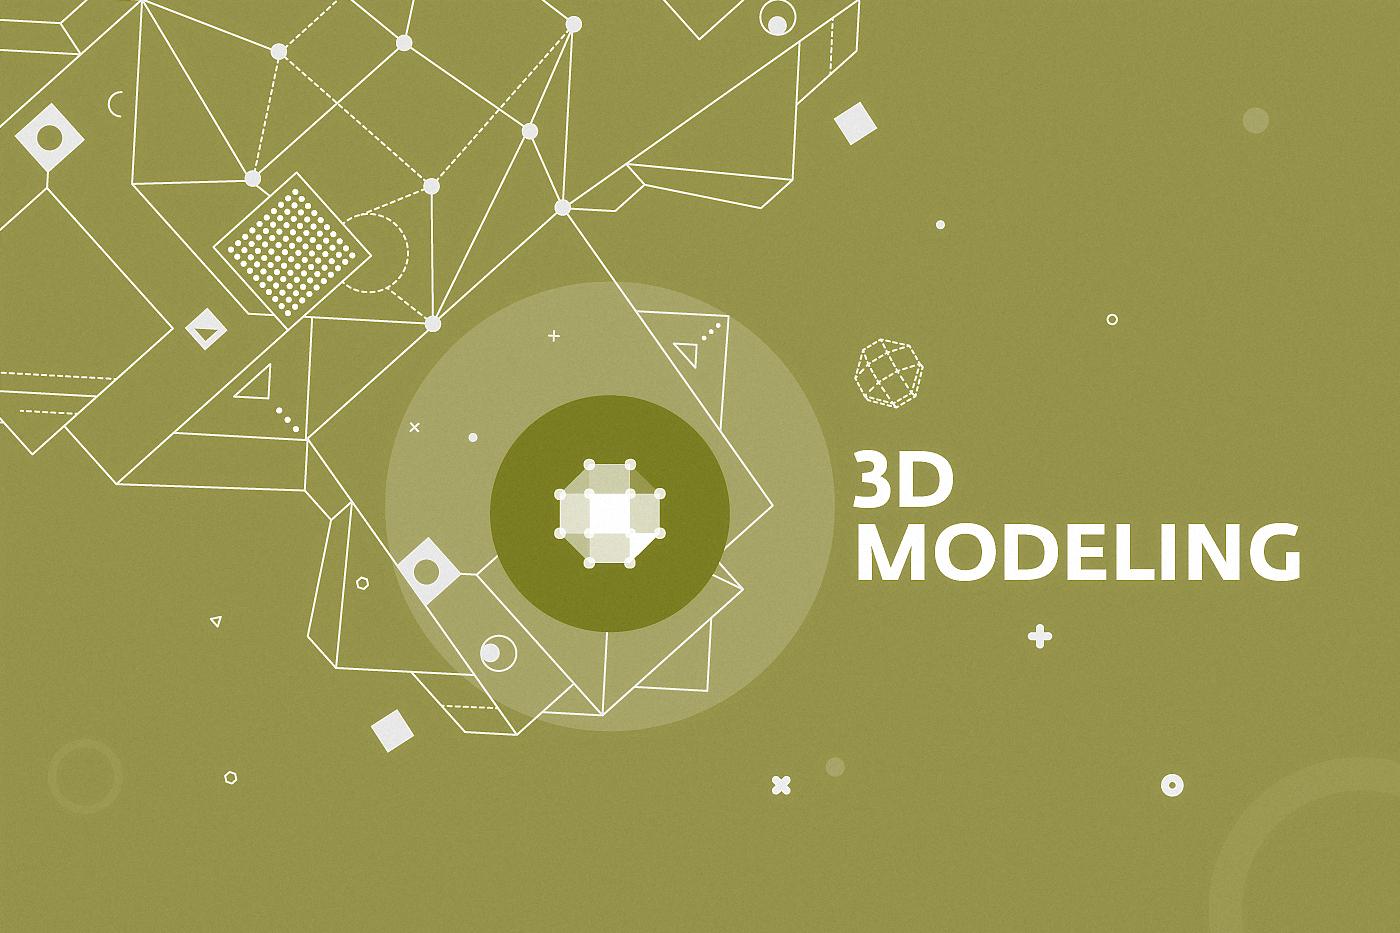 3d - 3D Modeling